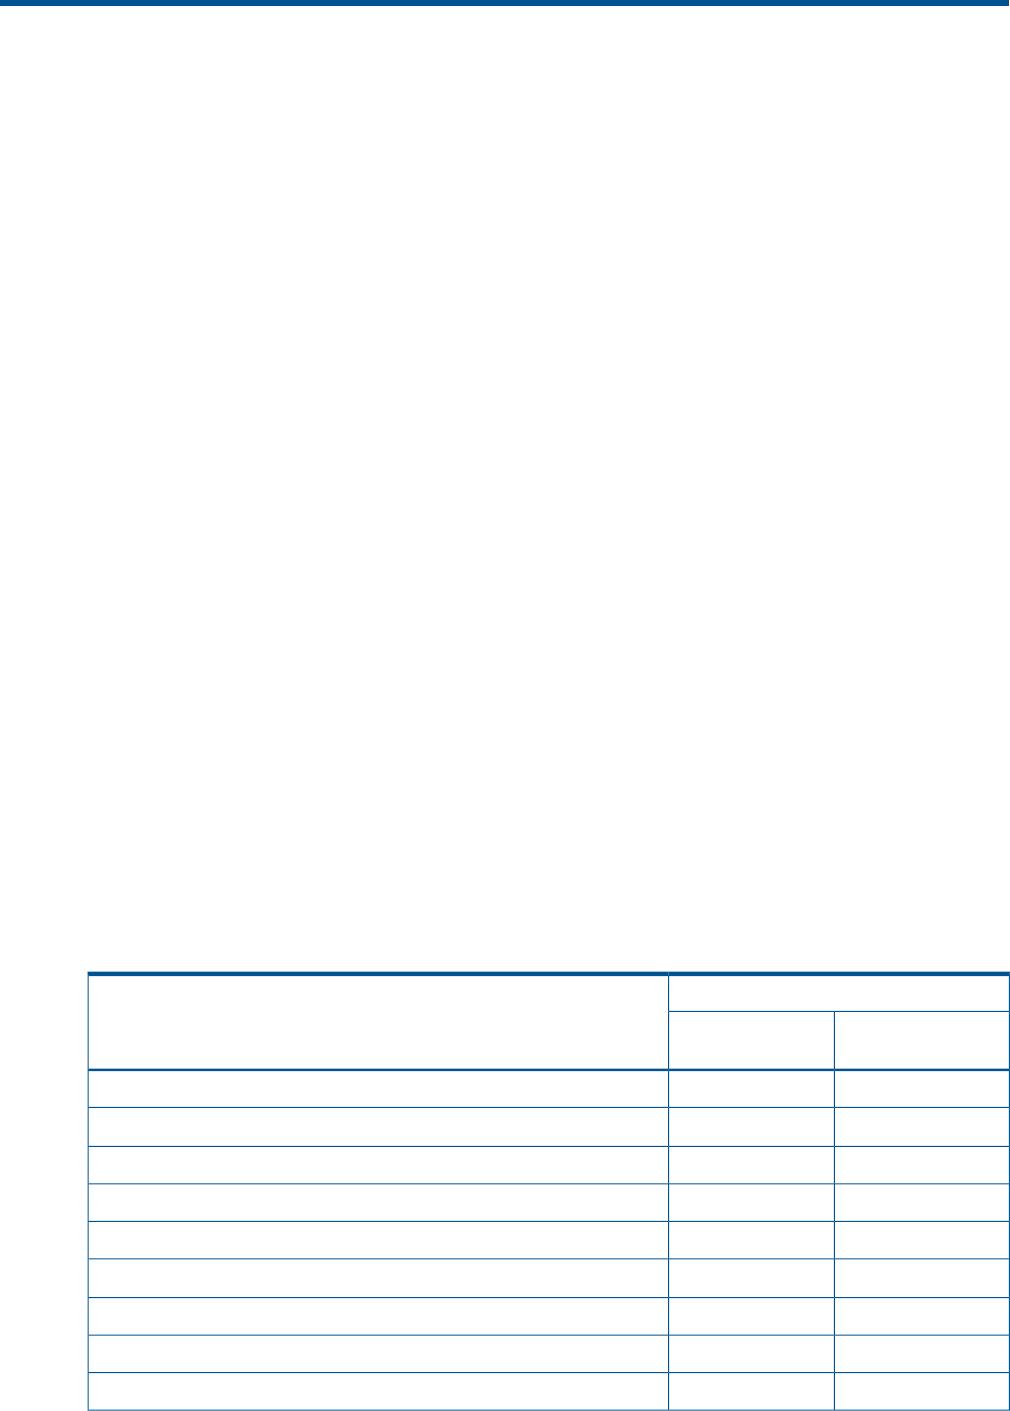 PartNumbersforNonStopServers HP Part Number: 529769-031